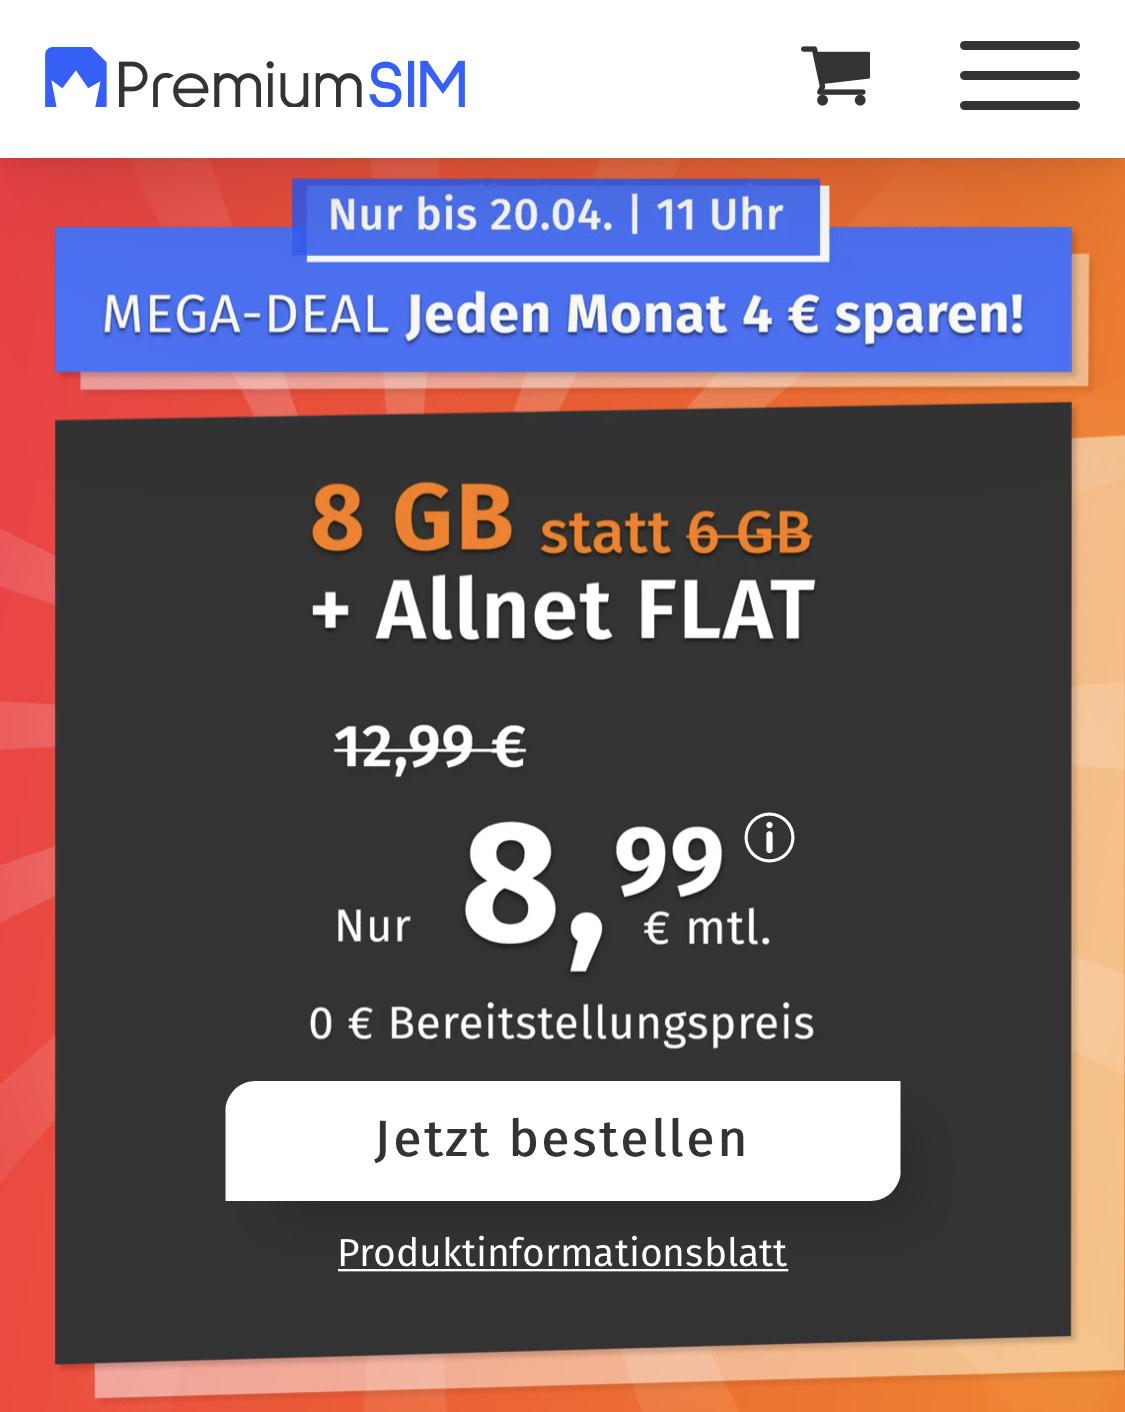 8GB LTE PremiumSIM Tarif für 8,99€ im Monat (3 Monate/ 24 Monate)